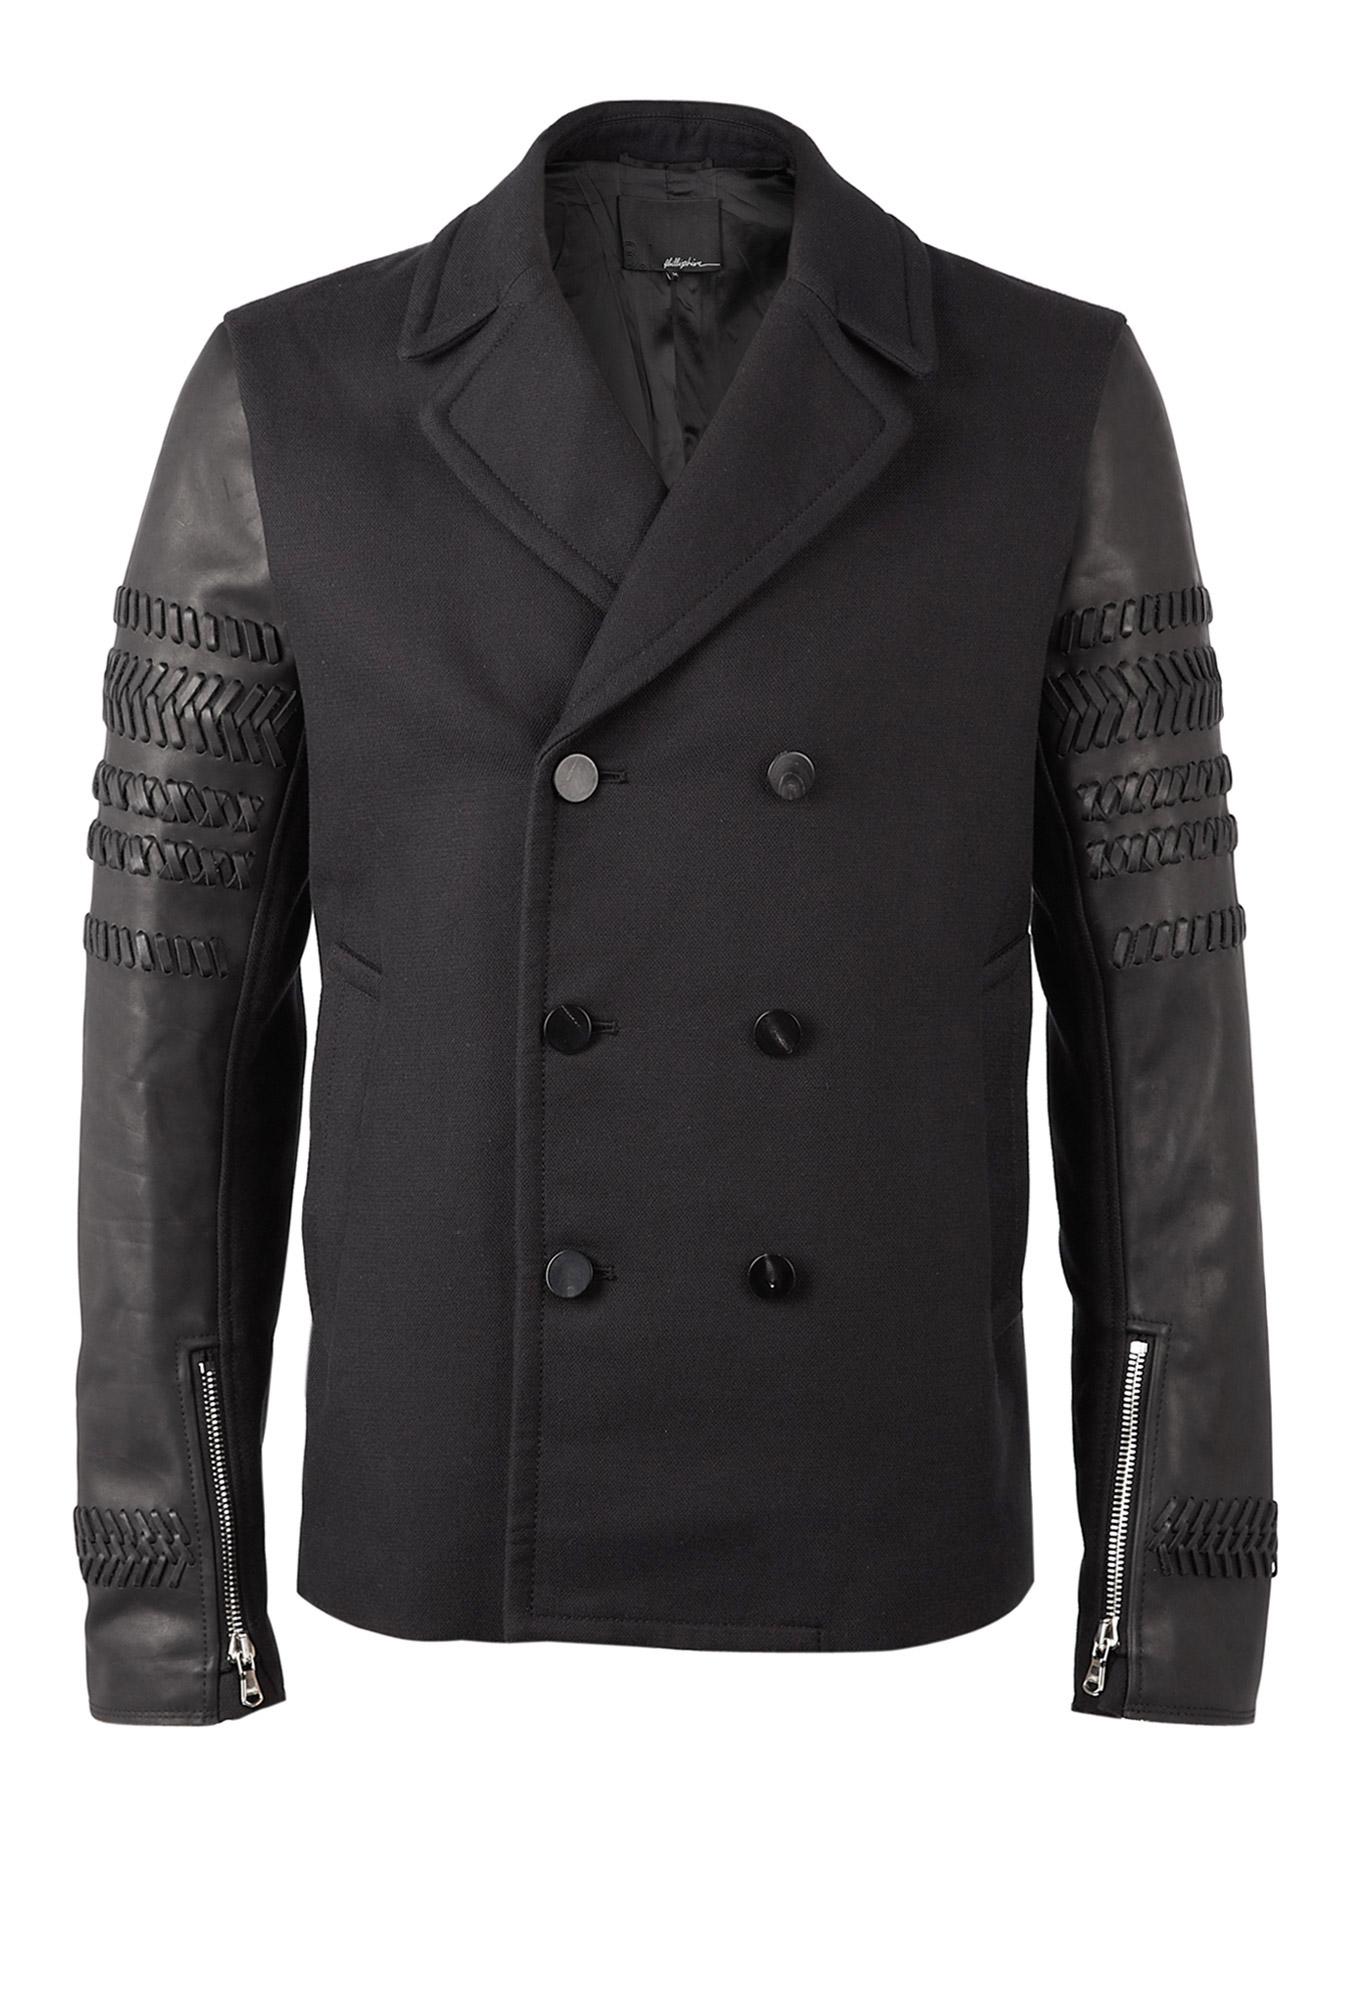 31 Phillip Lim Black Leather Braid Biker Sleeve Pea Coat m4_931496